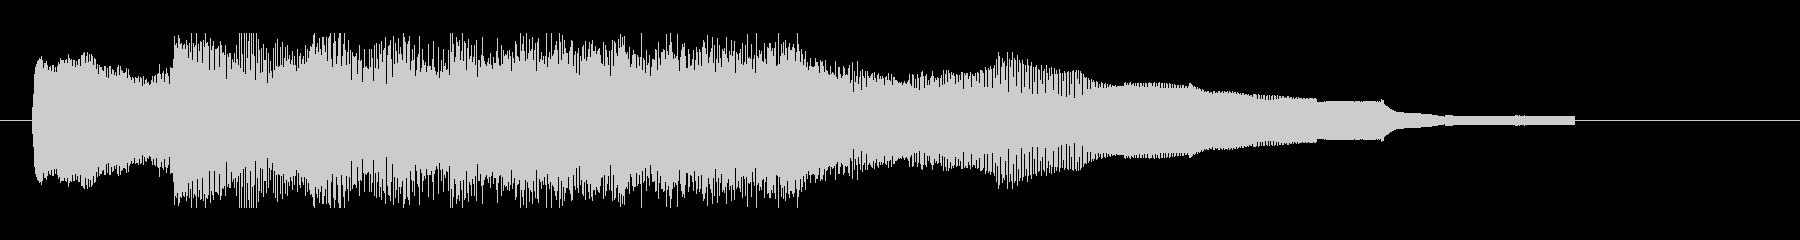 エキゾチック且つ近未来的な雰囲気の起動音の未再生の波形